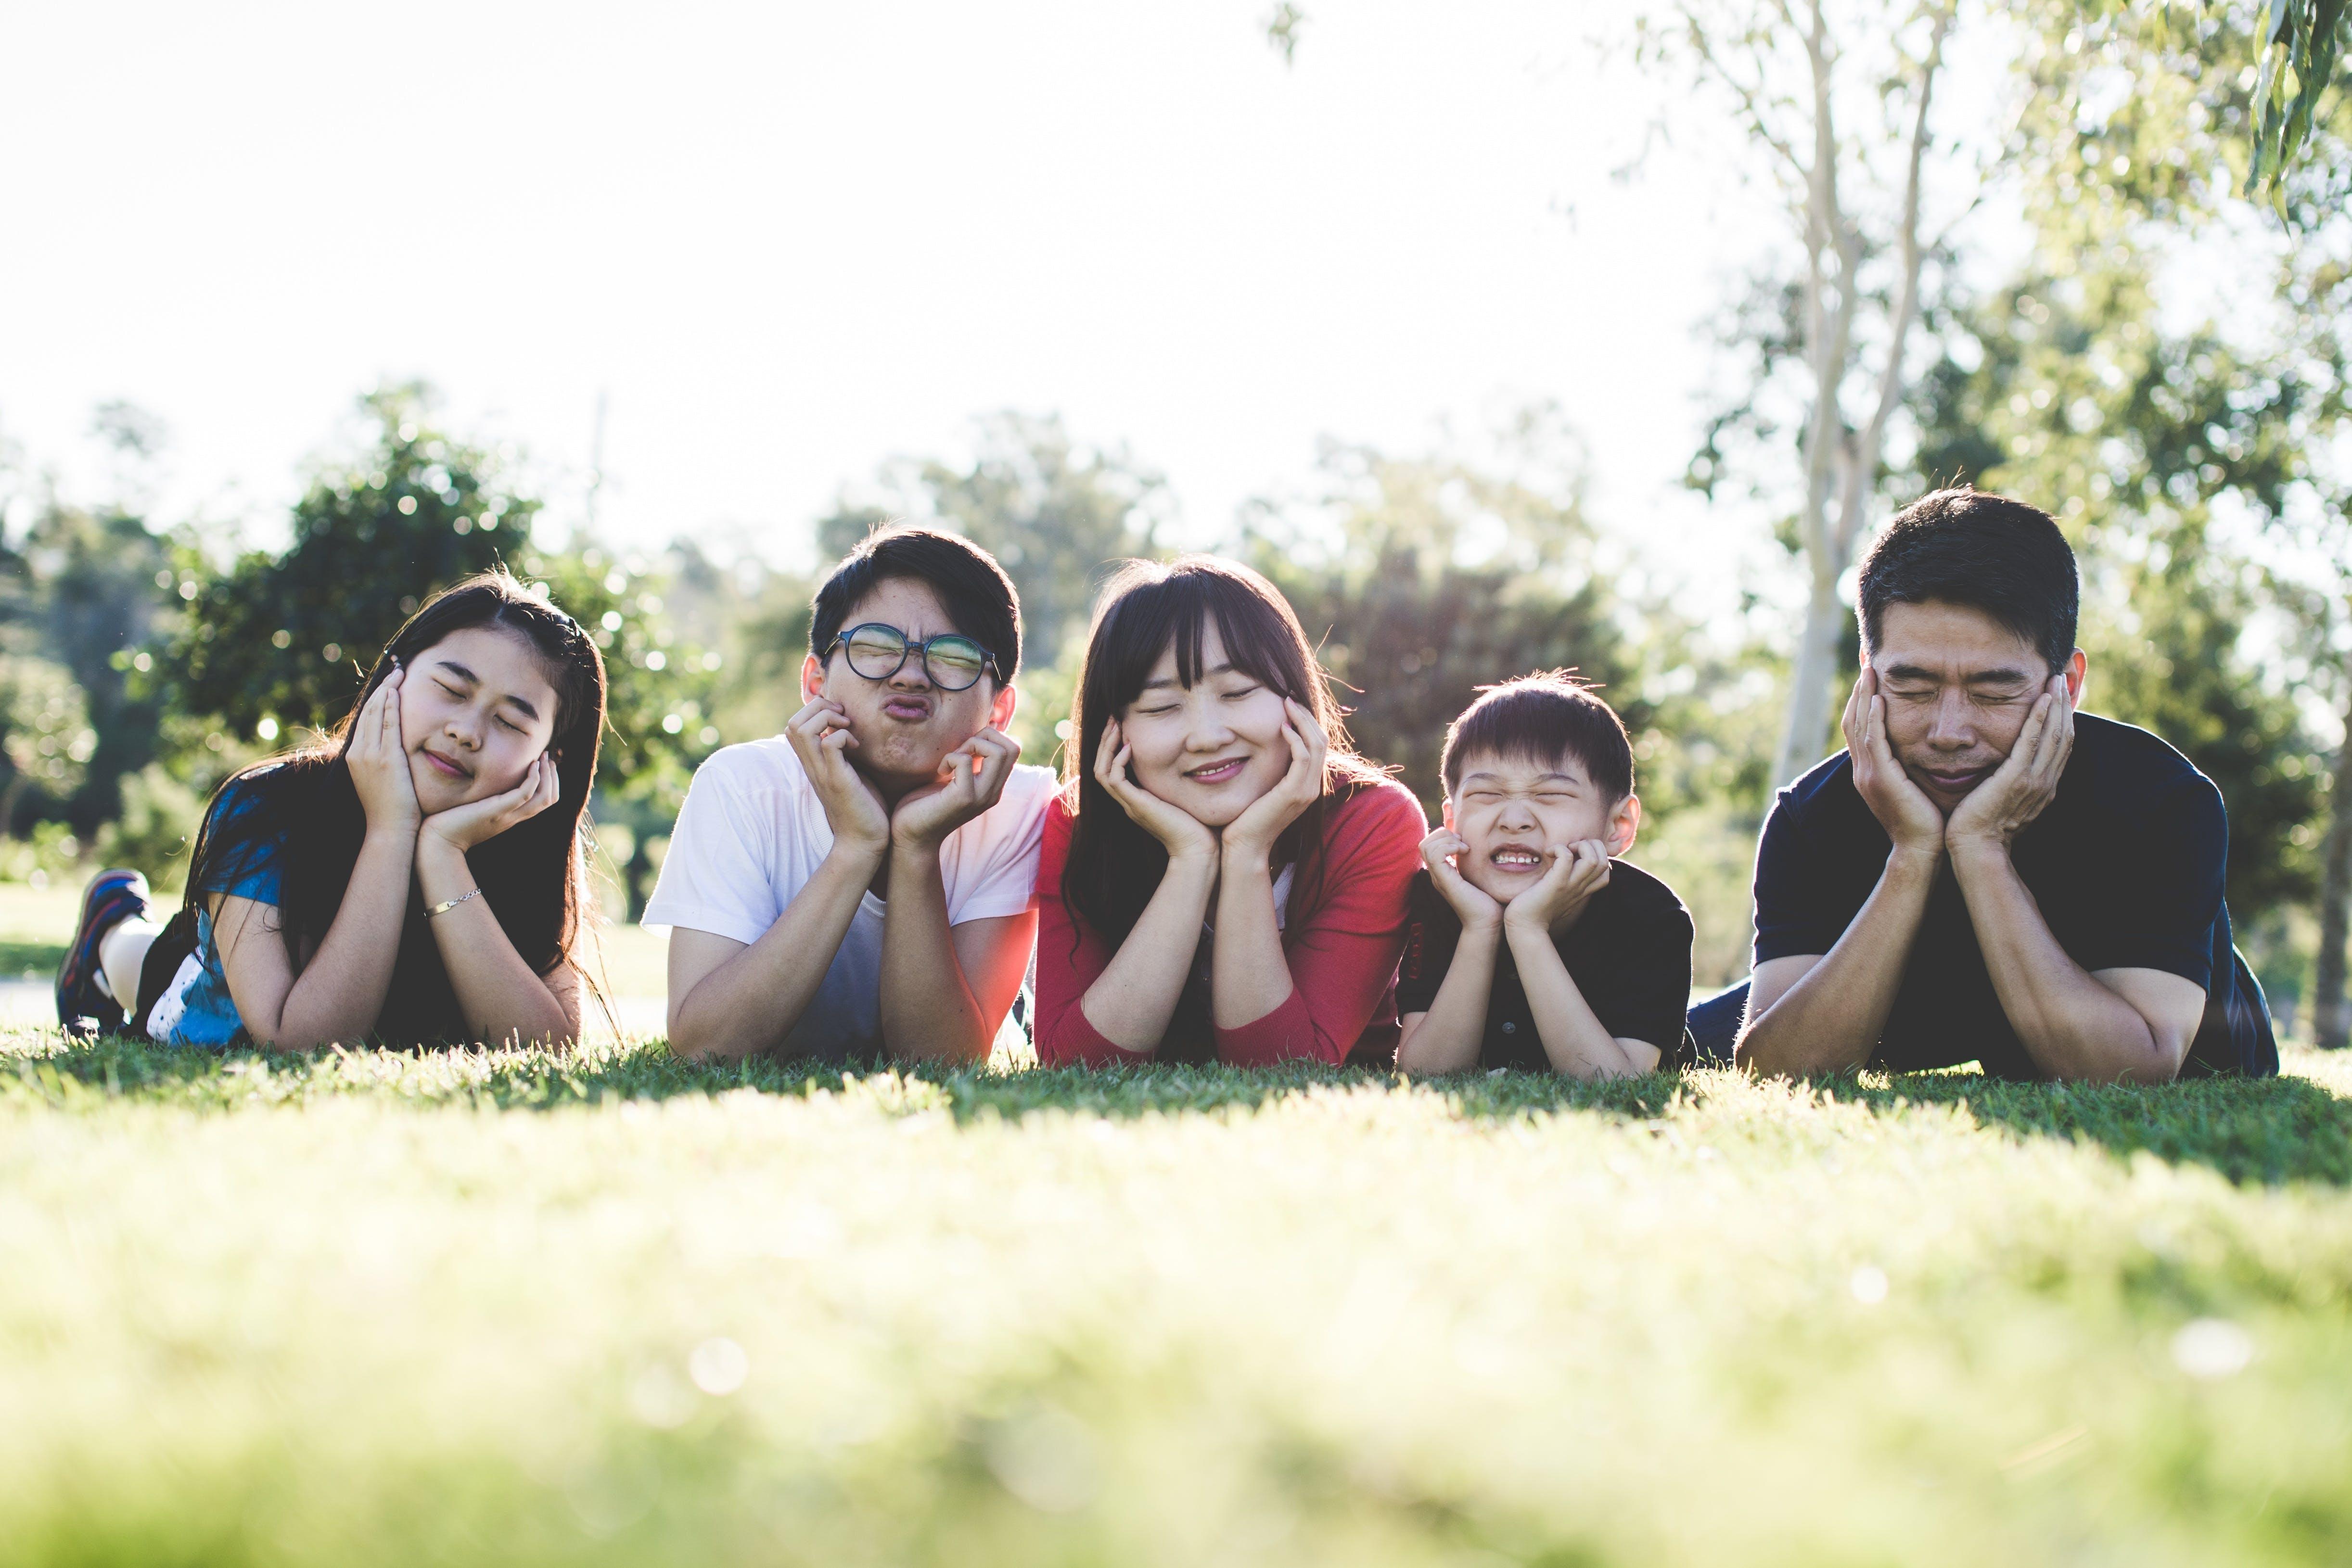 aasialaiset ihmiset, asento, hauska